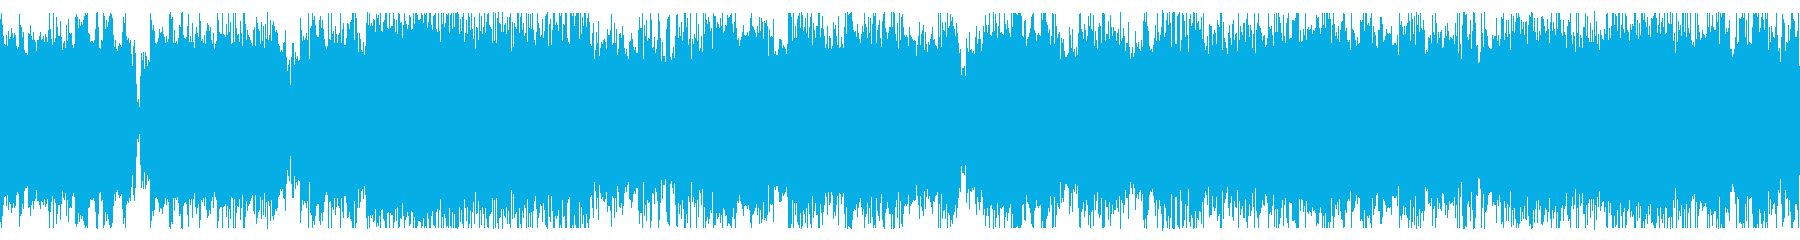 ループ素材 勇壮な疾走系チップチューンの再生済みの波形